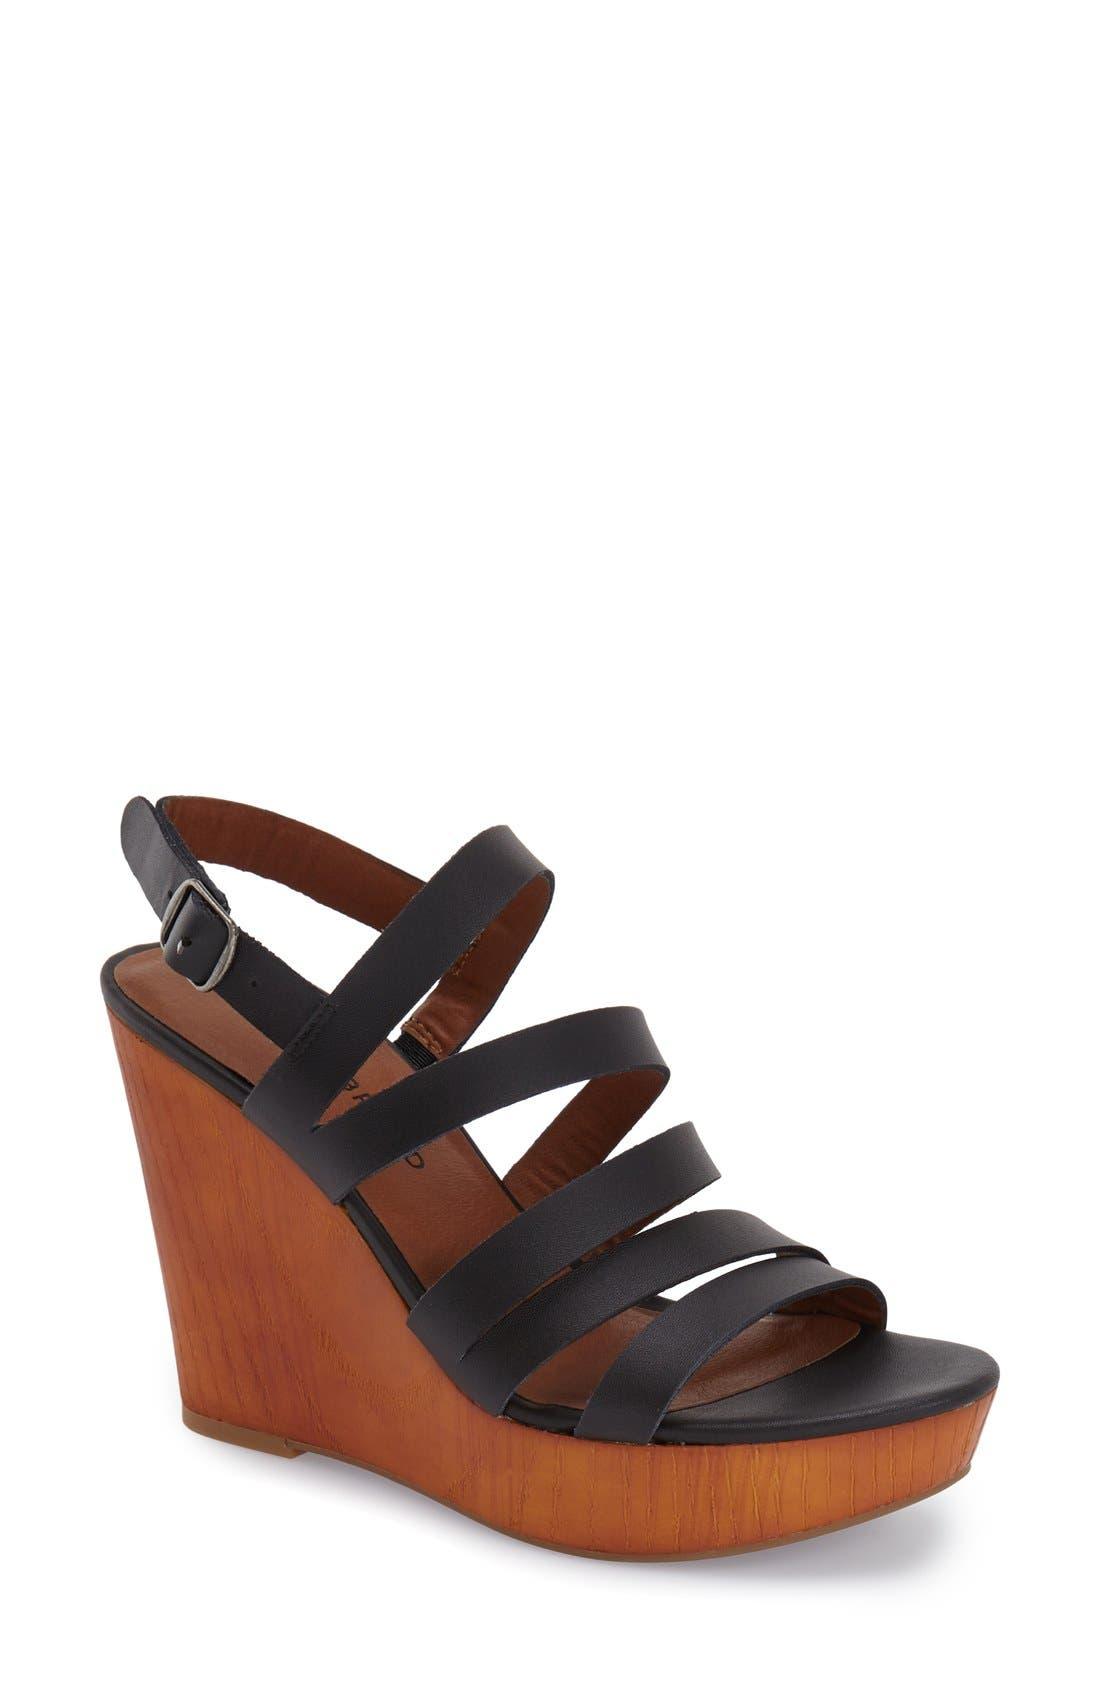 Main Image - Lucky Brand 'Larinaa' Wedge Sandal (Women)